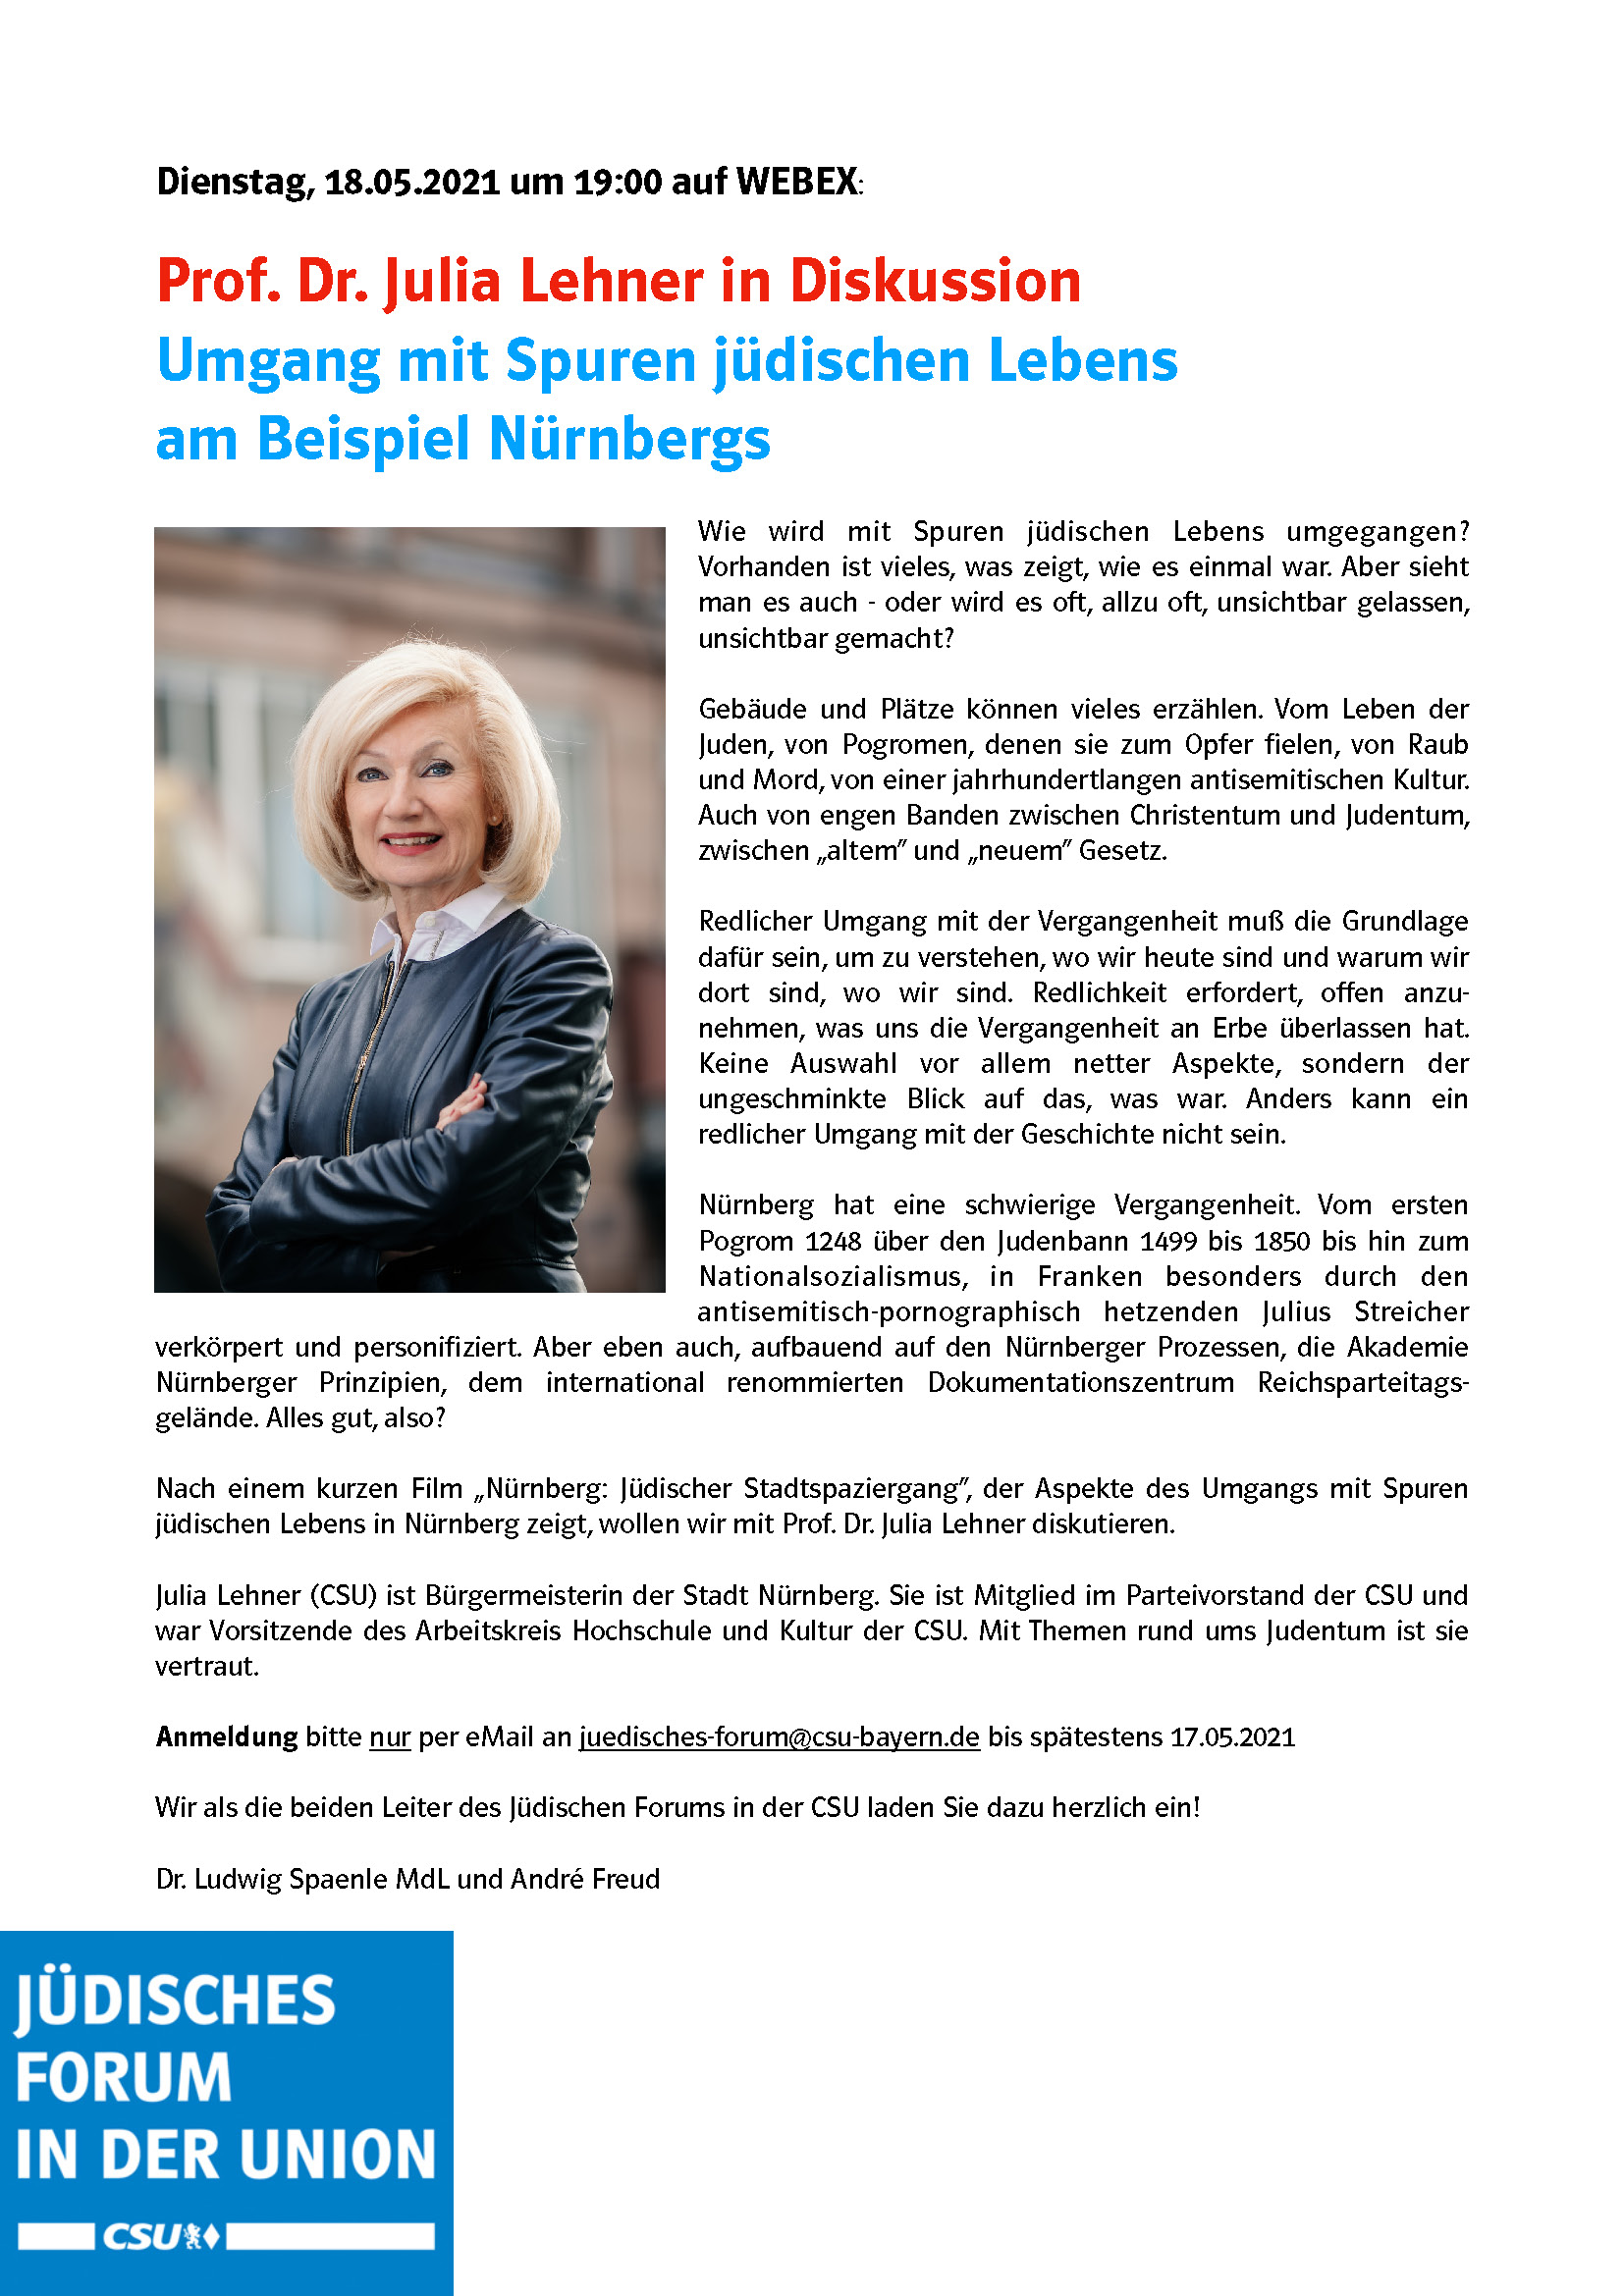 Einladung: Videokonferenz des Jüdischen Forums der CSU